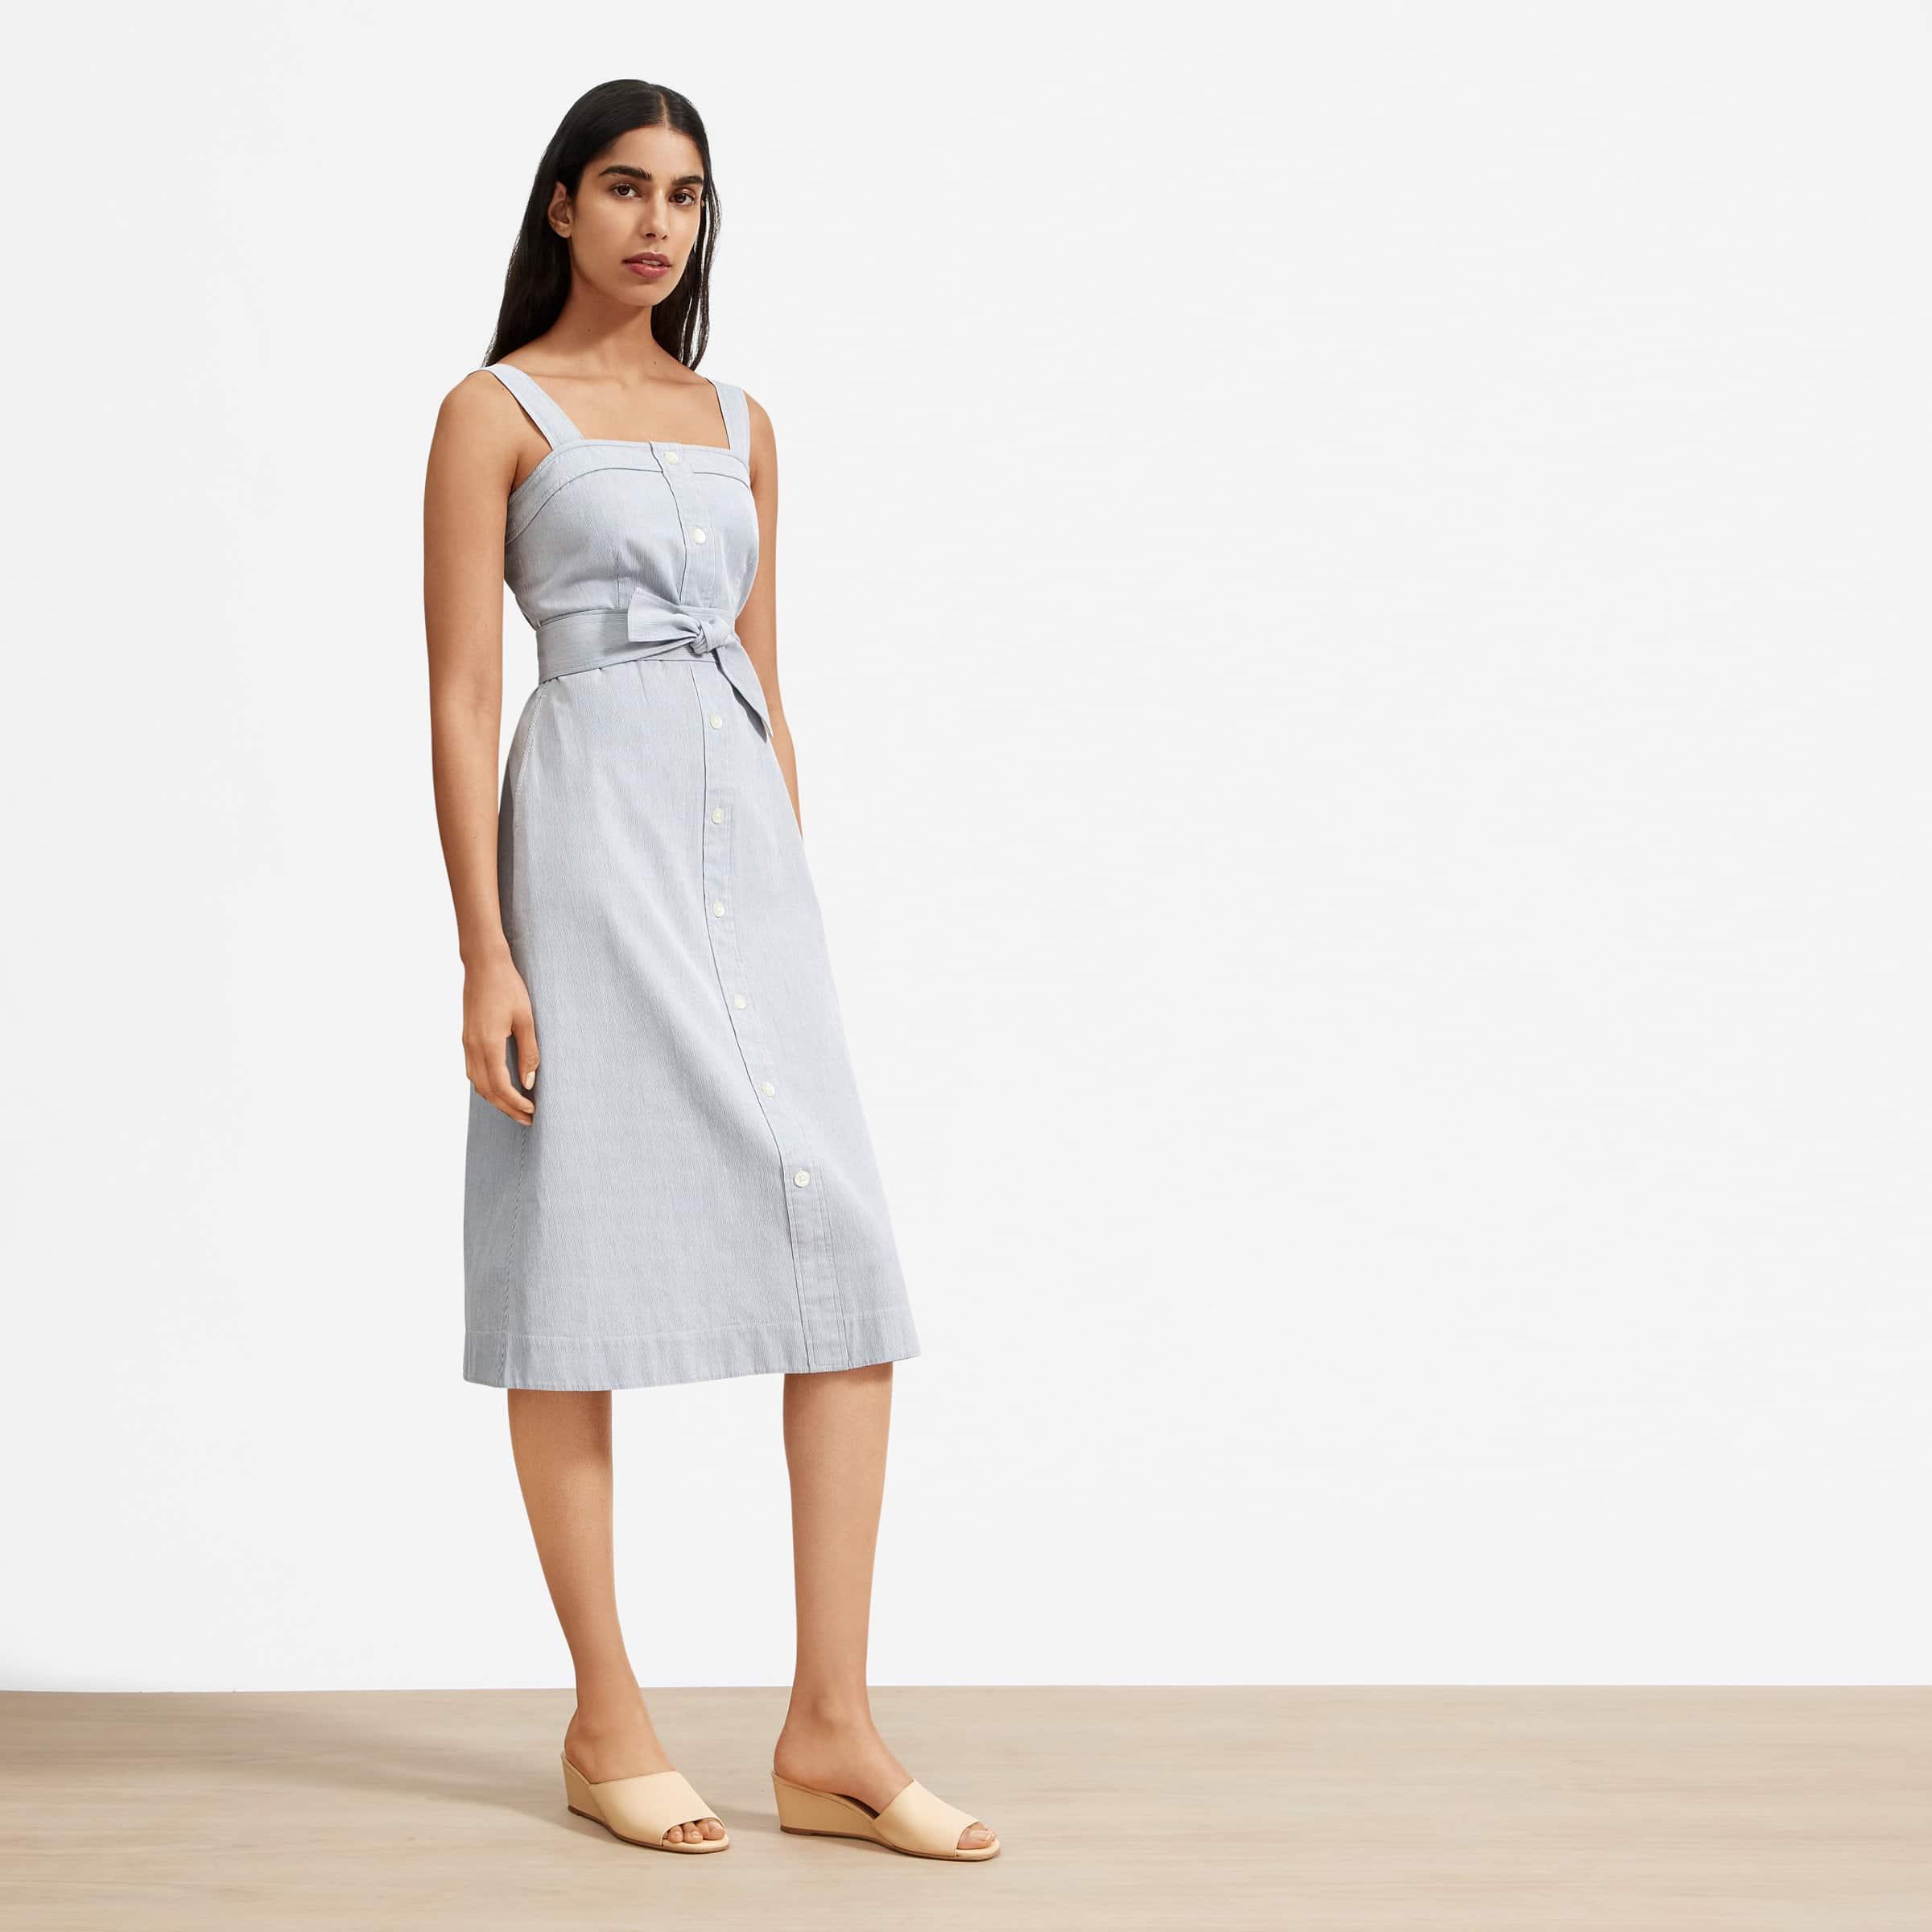 everlane, sustainable fashion, summer dresses